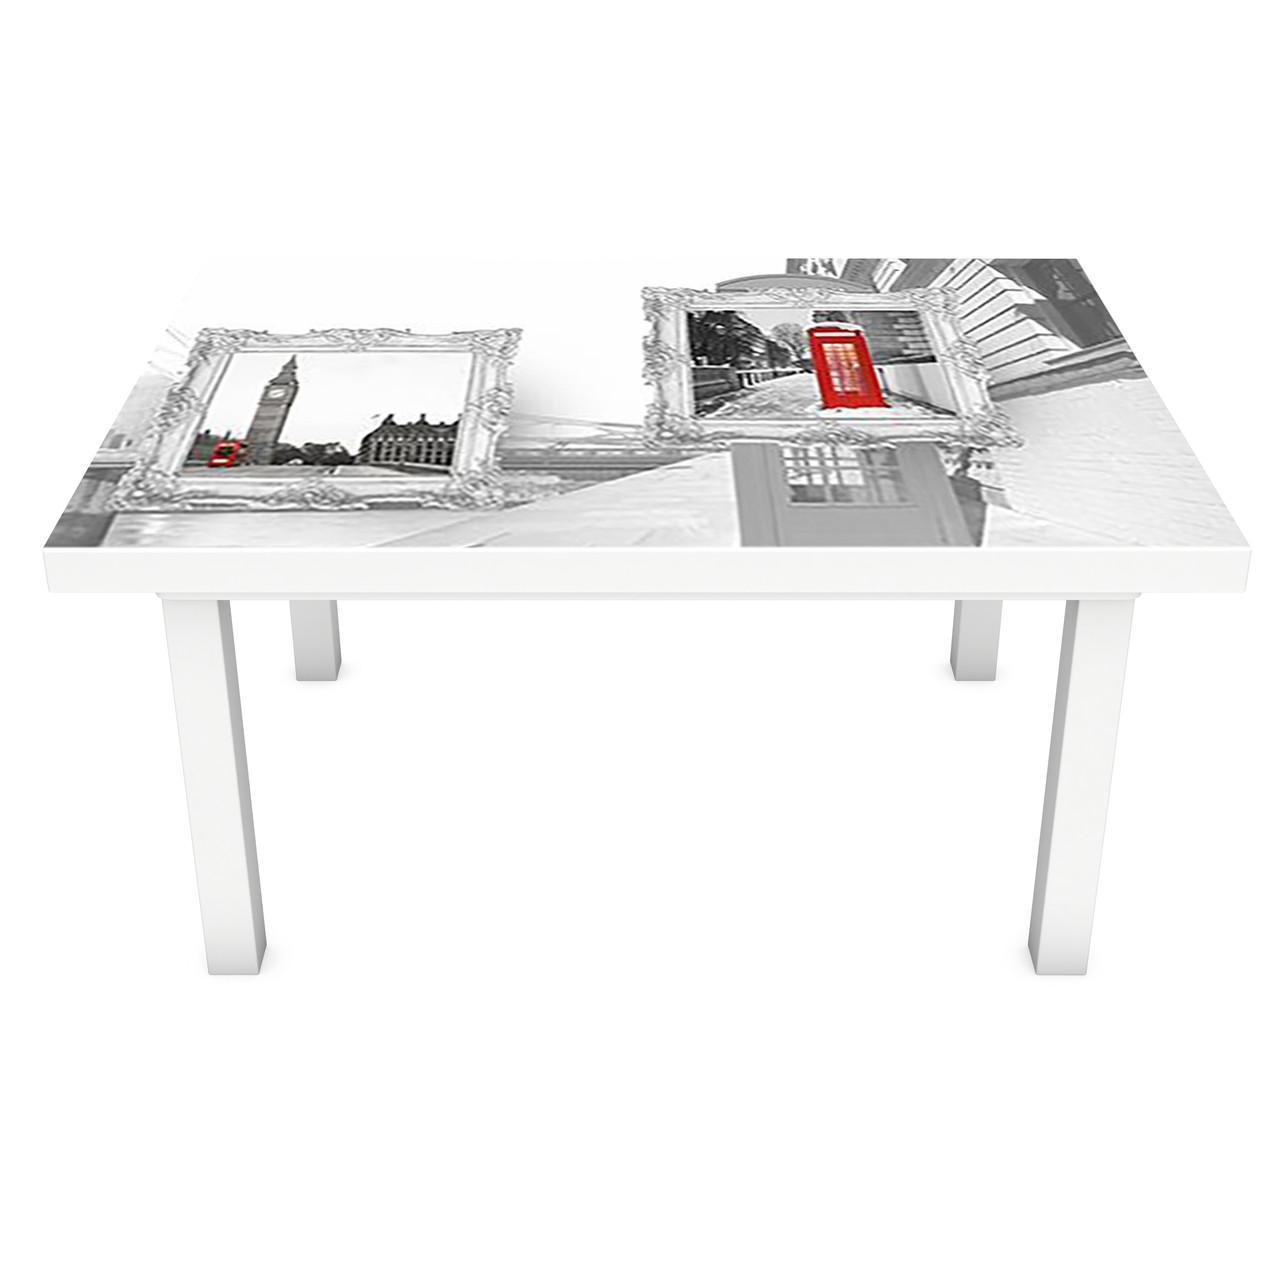 Наклейка на стол Лондон Картины (3Д виниловая пленка ПВХ) город Абстракция Серый 600*1200 мм